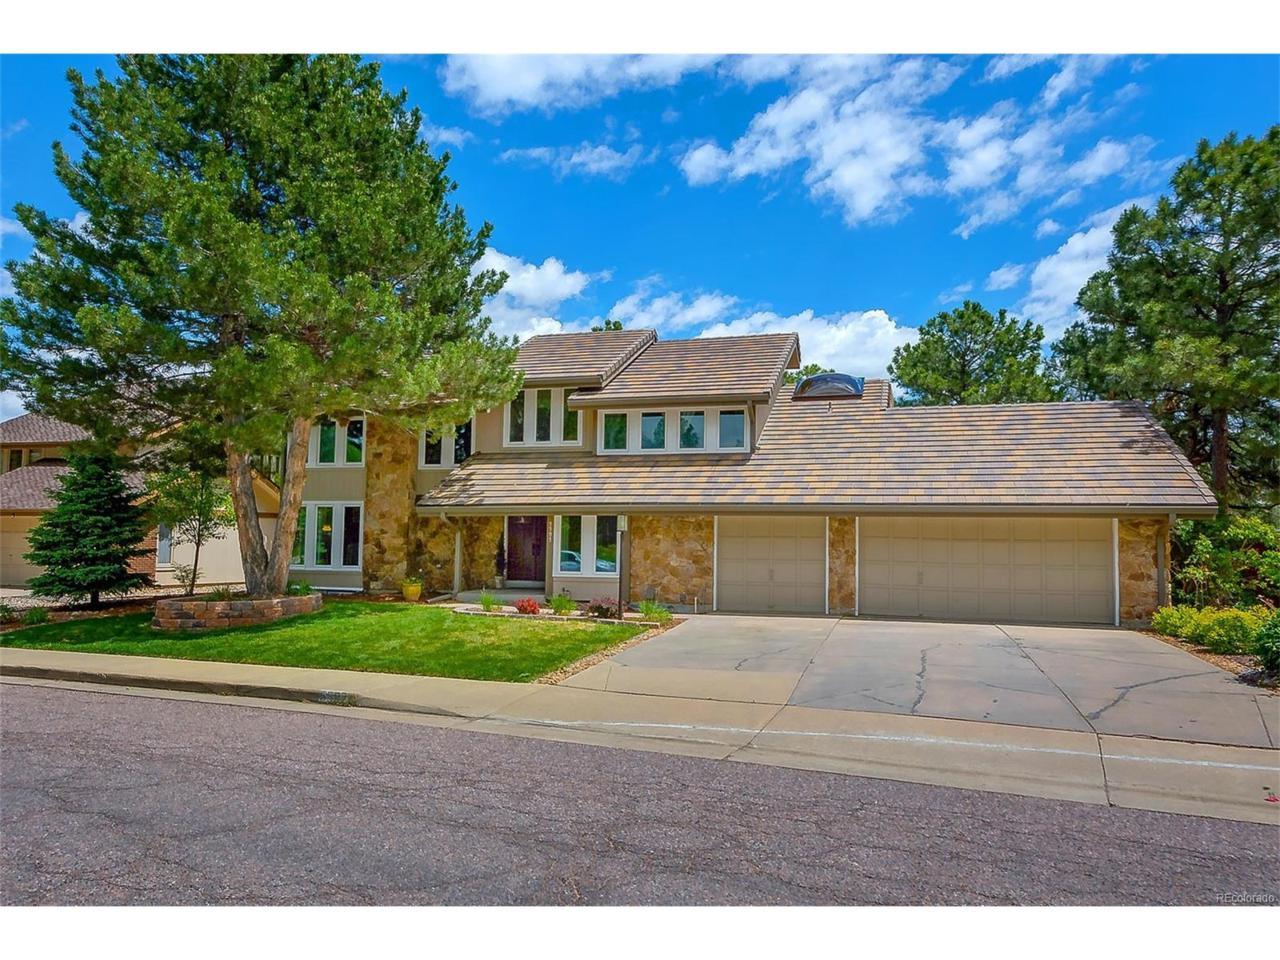 5597 E Links Circle, Centennial, CO 80122 (MLS #8050569) :: 8z Real Estate